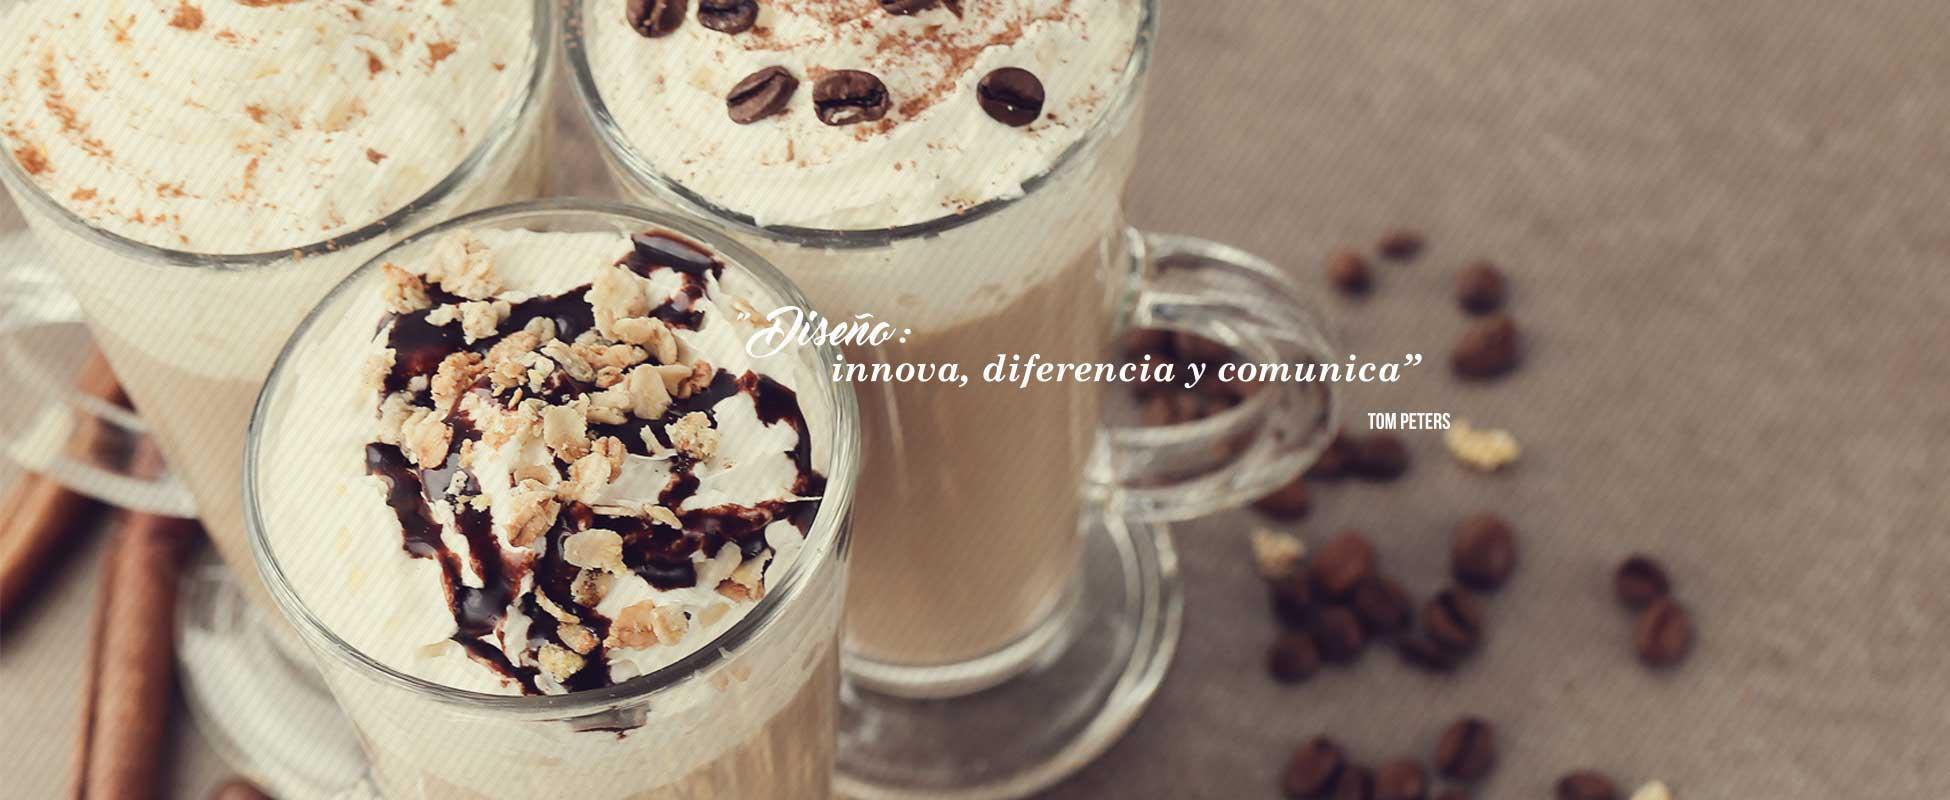 Diseño café calidad